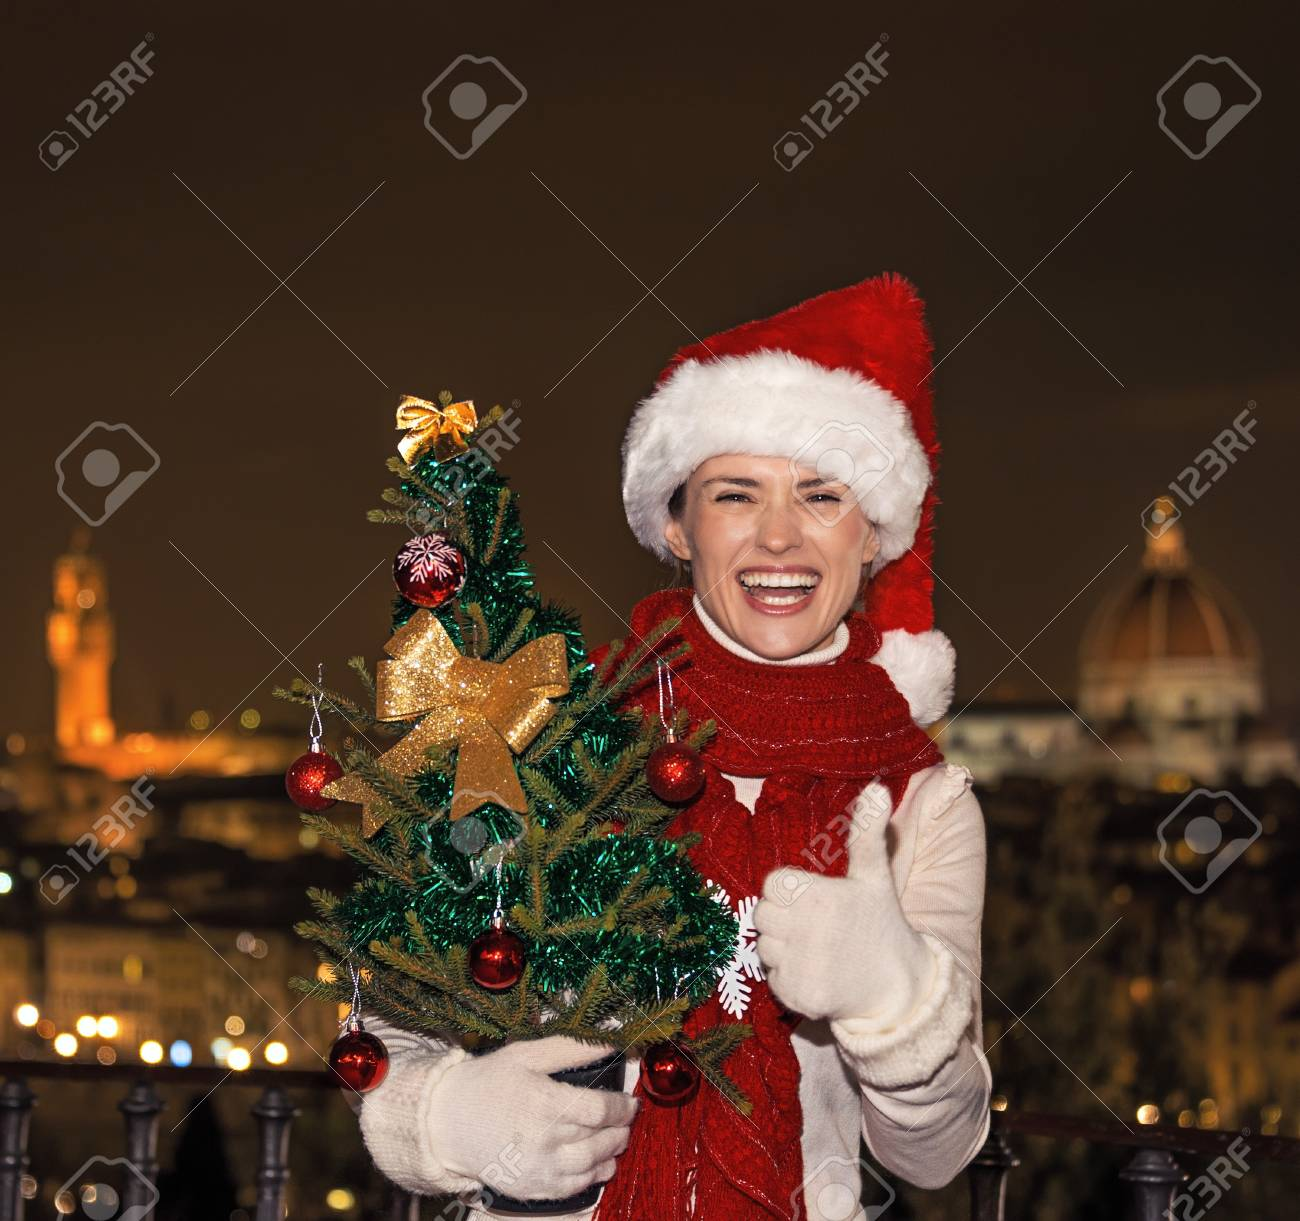 Trip Voller Inspiration In Der Weihnachtszeit In Florenz. Portrait ...